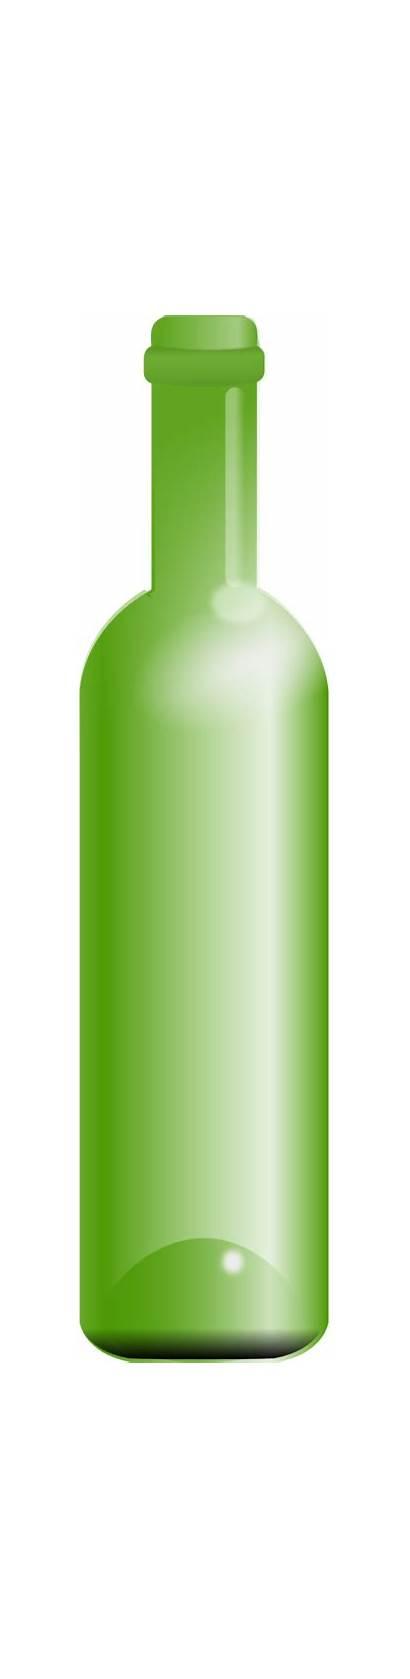 Bottle Empty Clipart Clip Domain I2clipart Cliparts